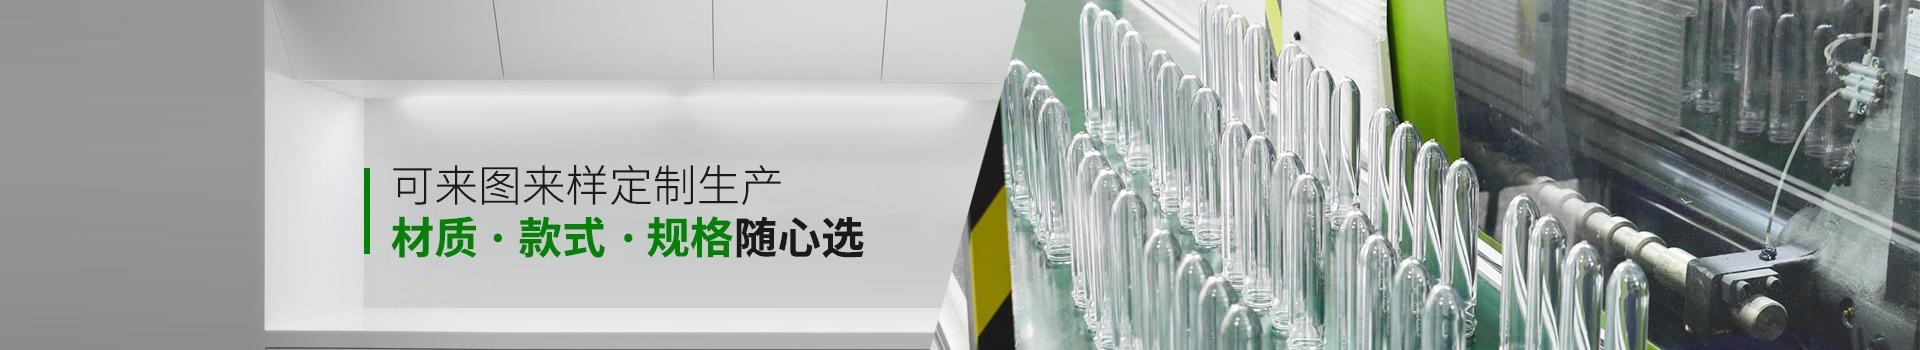 恒茂包装-可来图来样定制生产 材质 款式 规格随心选